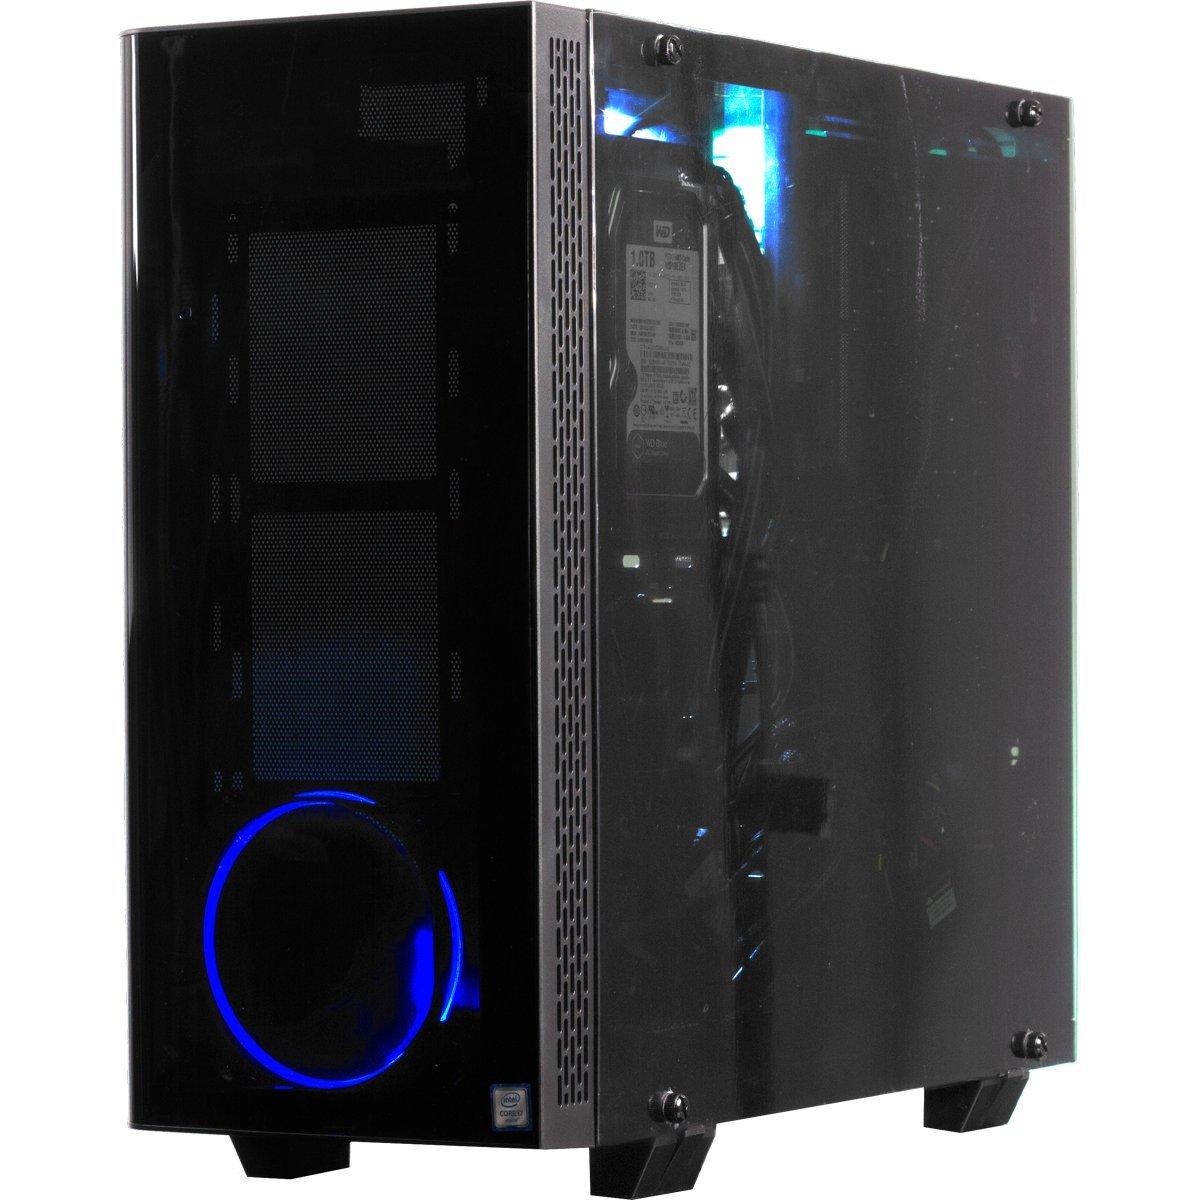 iBUYPOWER Gaming Elite Desktop PC Liquid Cooled AM8440i Intel i7-8700k 3.70GHz, NVIDIA Geforce GTX 1060 6GB, 16GB DDR4 RAM, 1TB 7200RPM HDD,  240GB SSD, Wifi, RGB, Win 10, VR Ready by iBUYPOWER (Image #3)